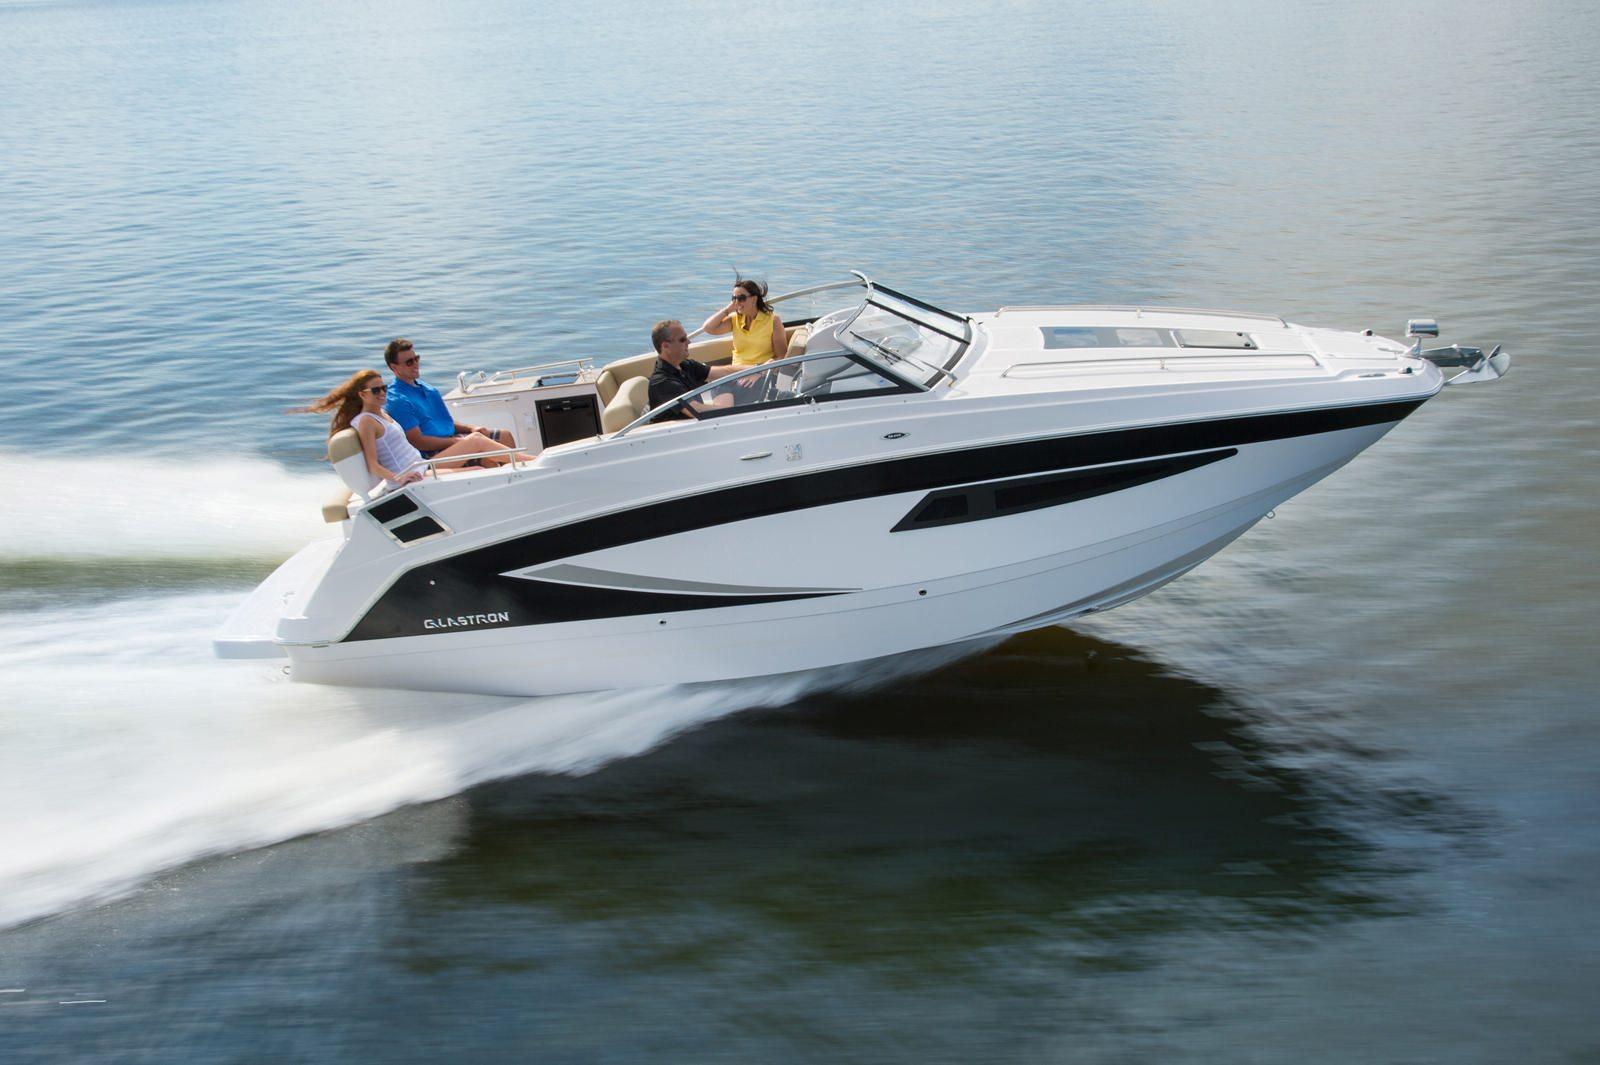 סירת ספורט Glastron 259 - סטרים יאכטות